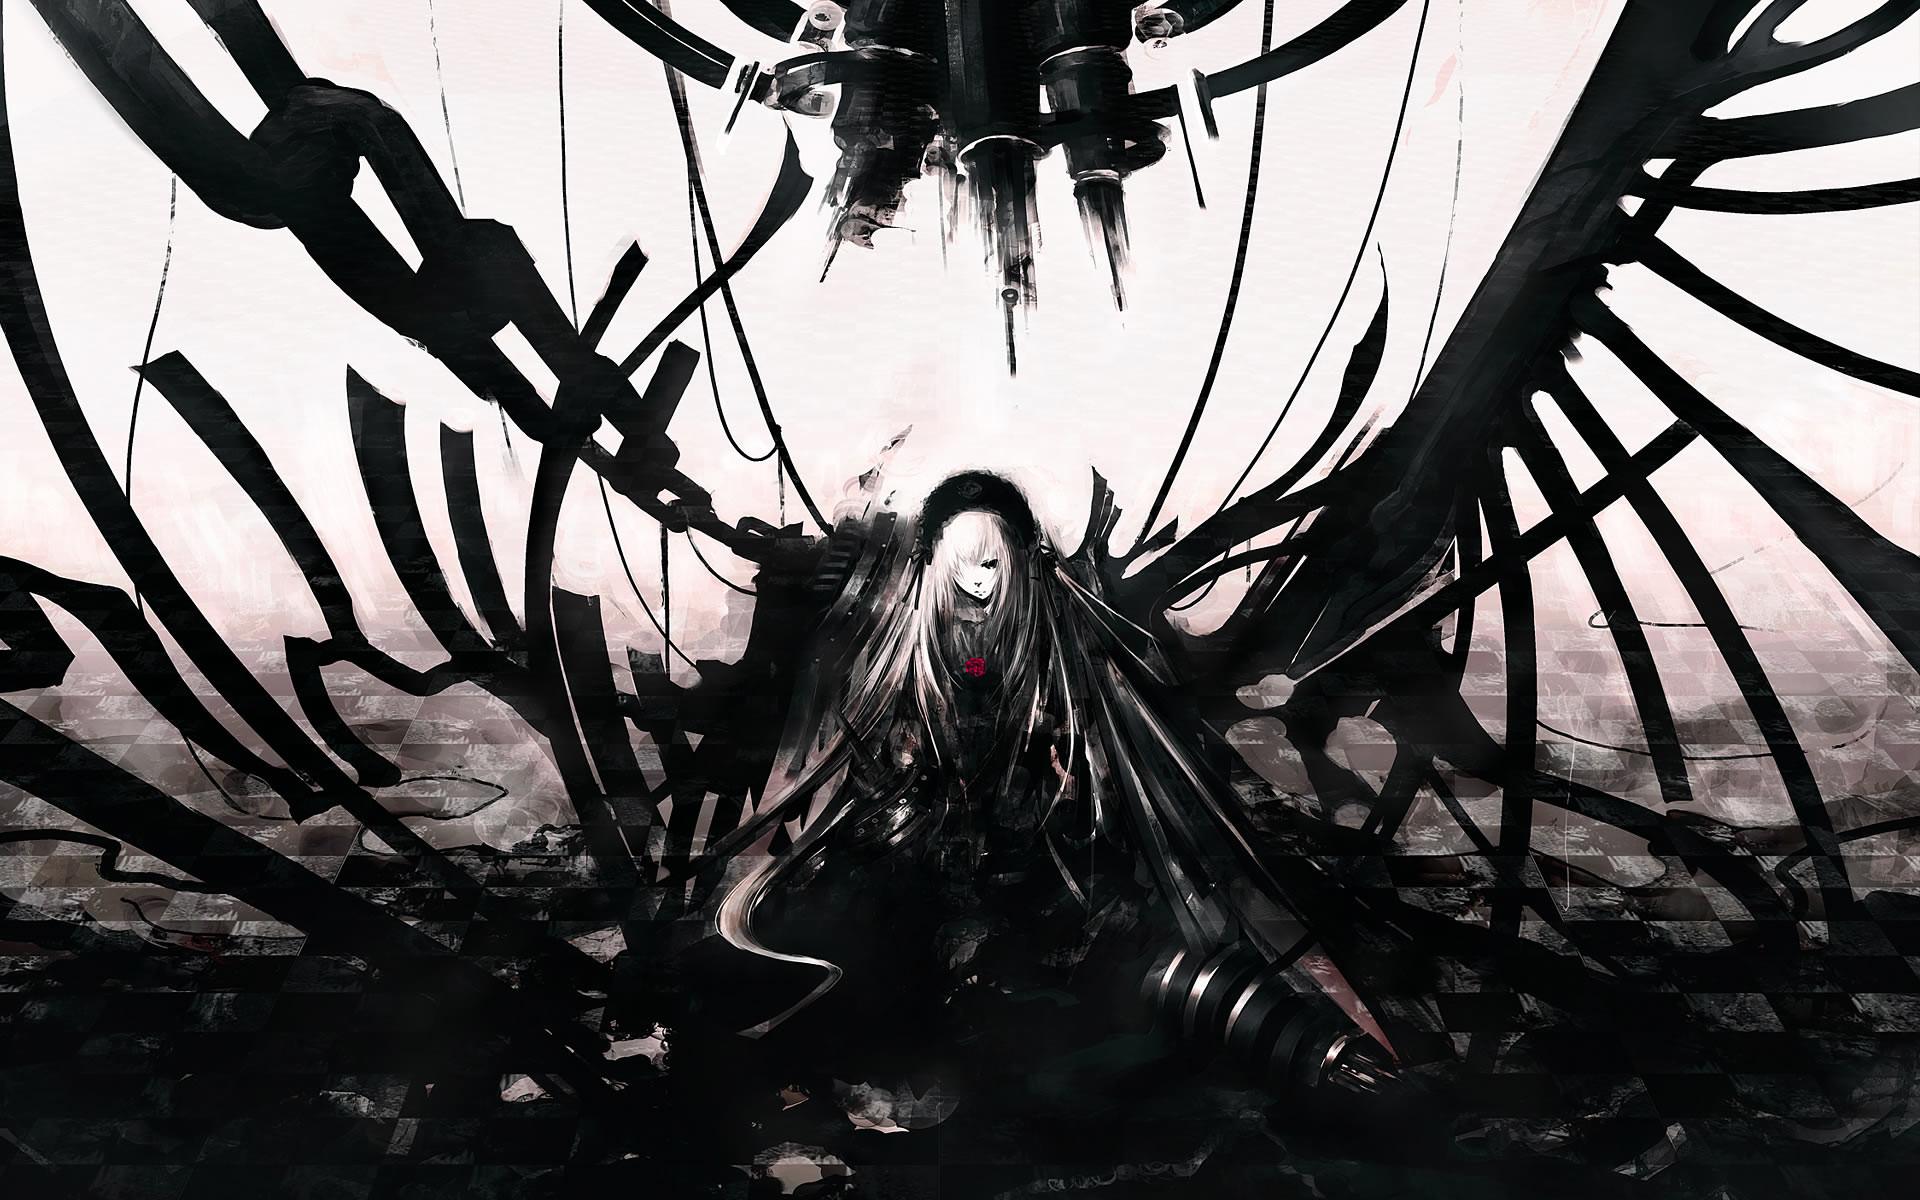 Dark Anime Art Of The Week Digital Paintings 350915 Wallpaper wallpaper :  anime art,wallpapers dark anime art,anime – Free desktop wallpapers, hd  wallpapers …